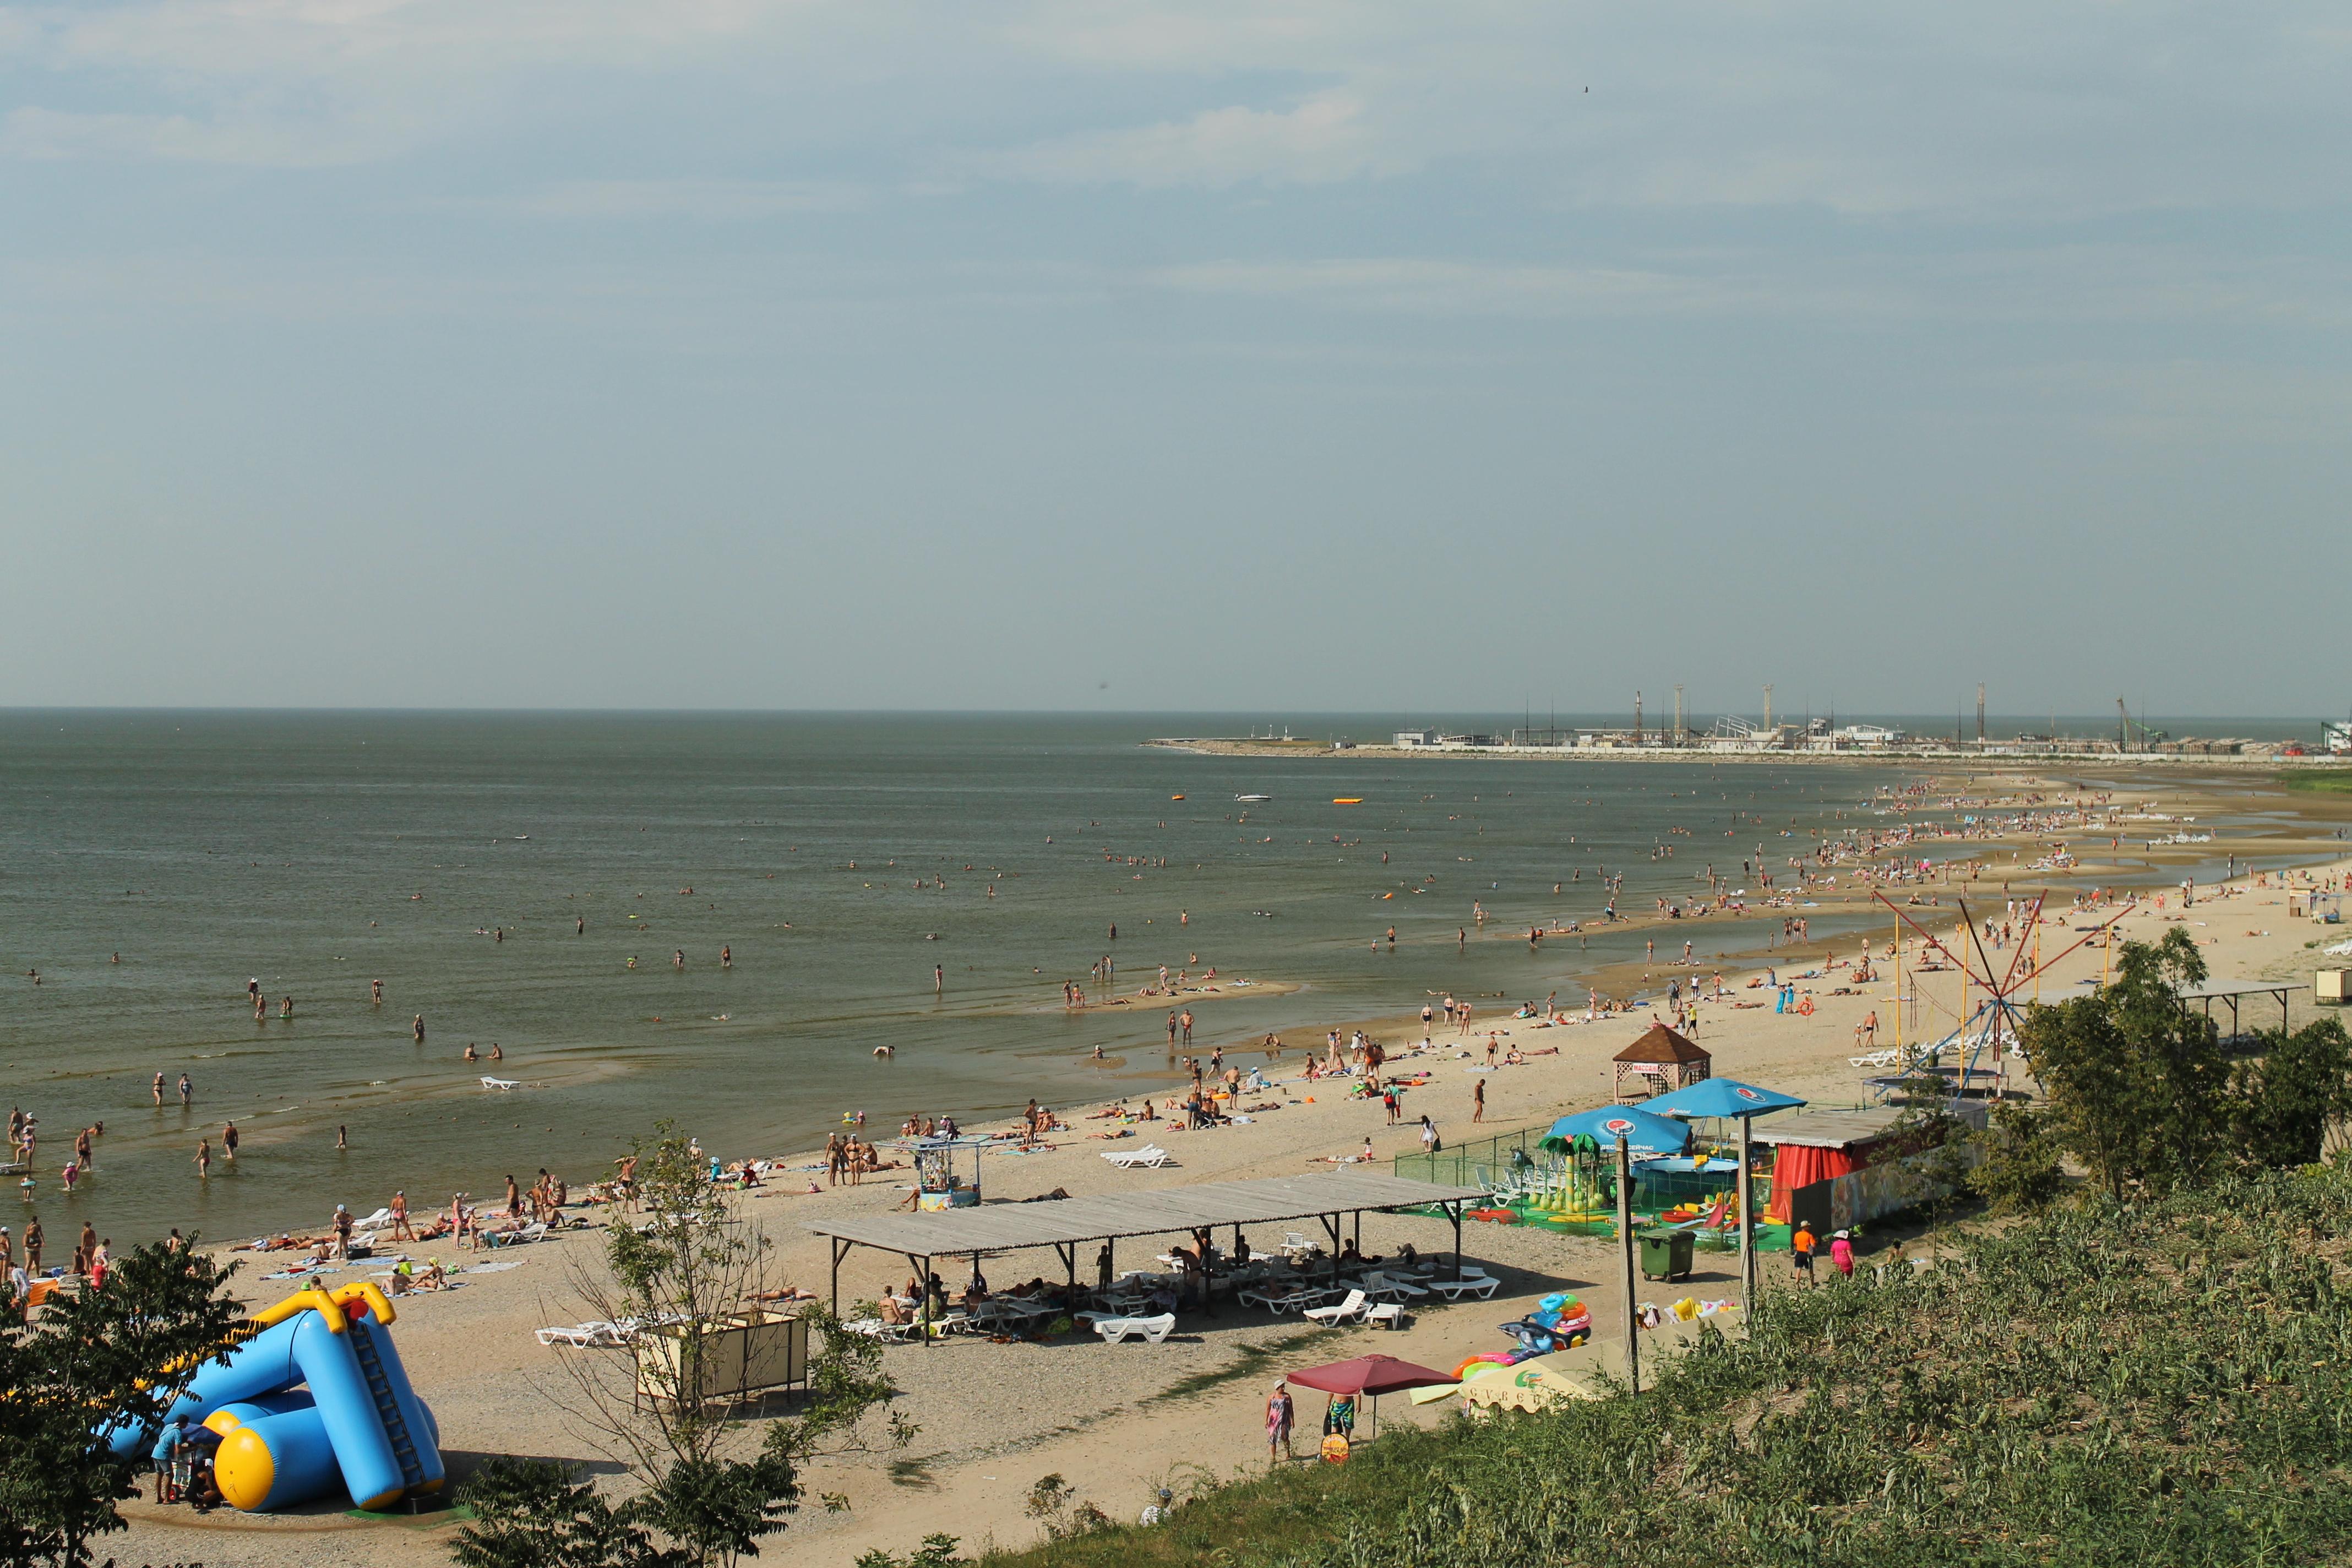 азовское море ейск фото города клюква июне, поспевает